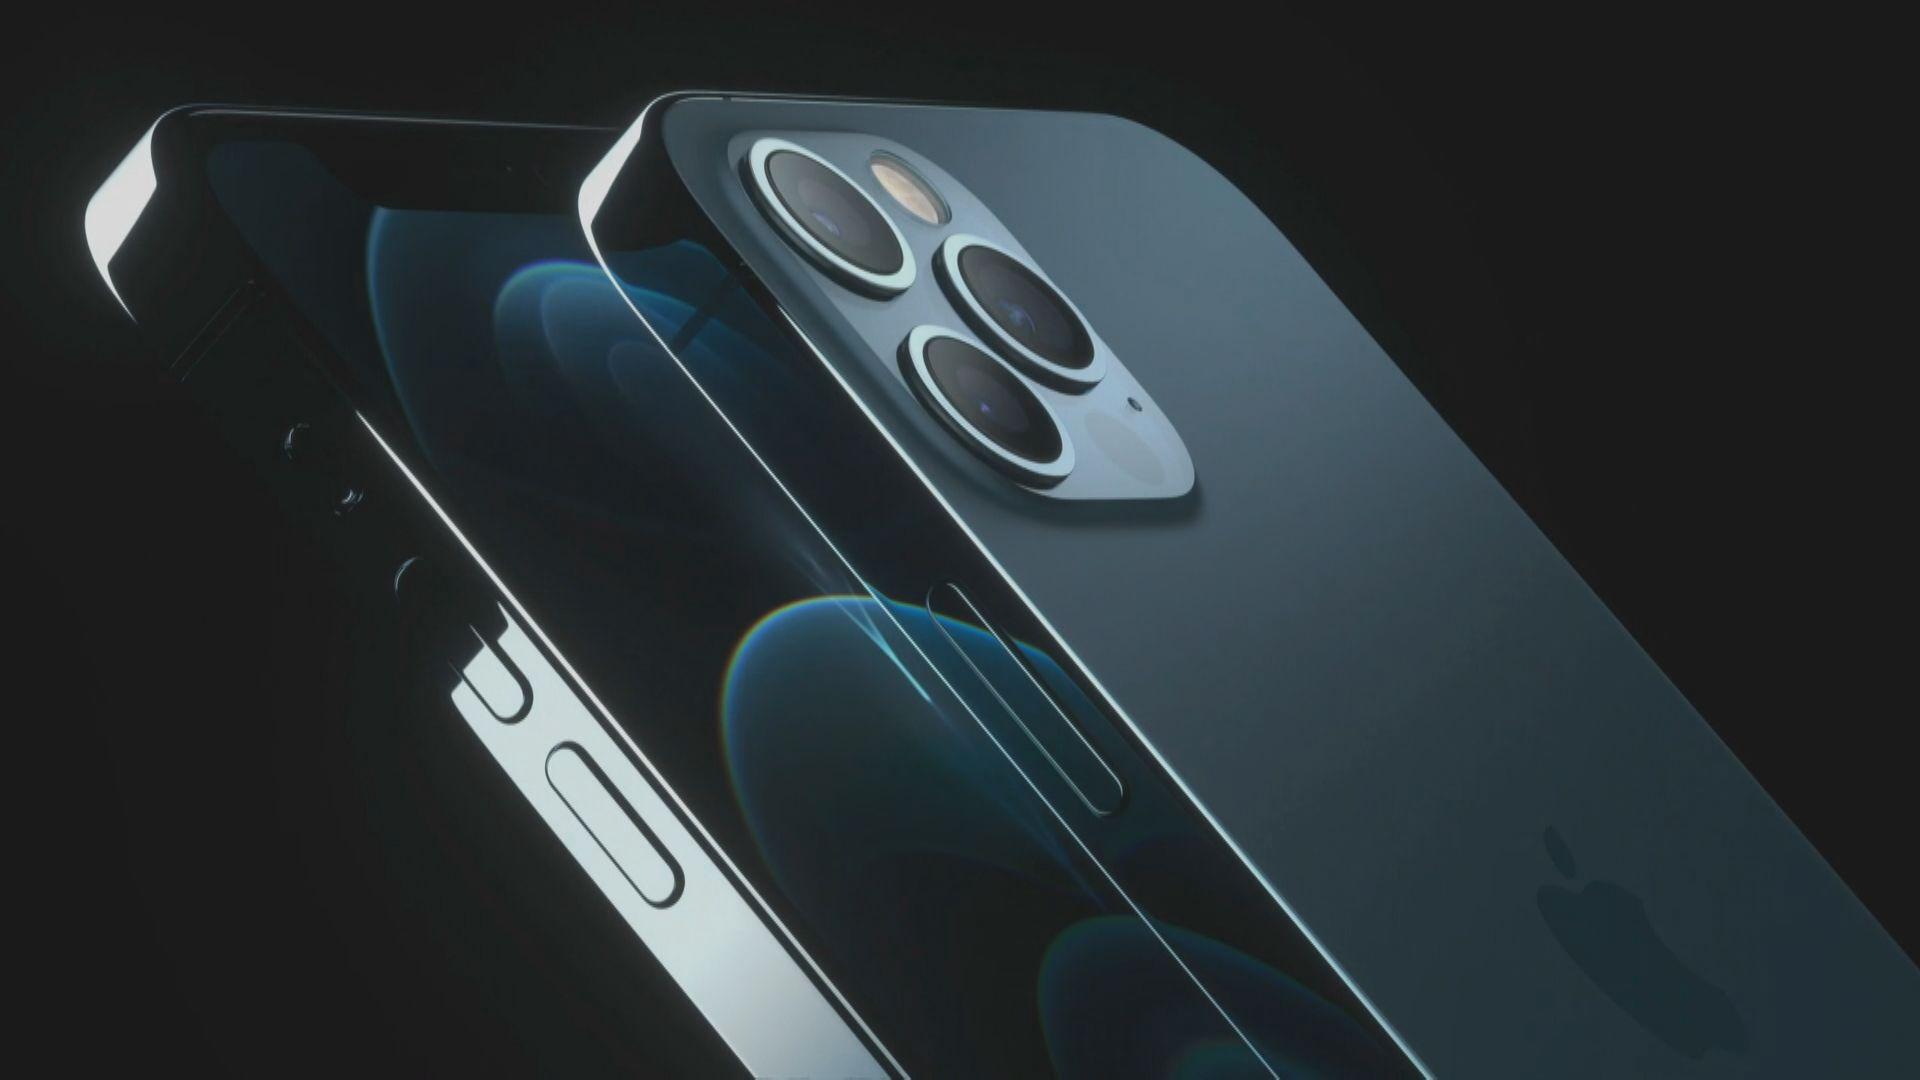 蘋果首推5G iPhone 共4款型號